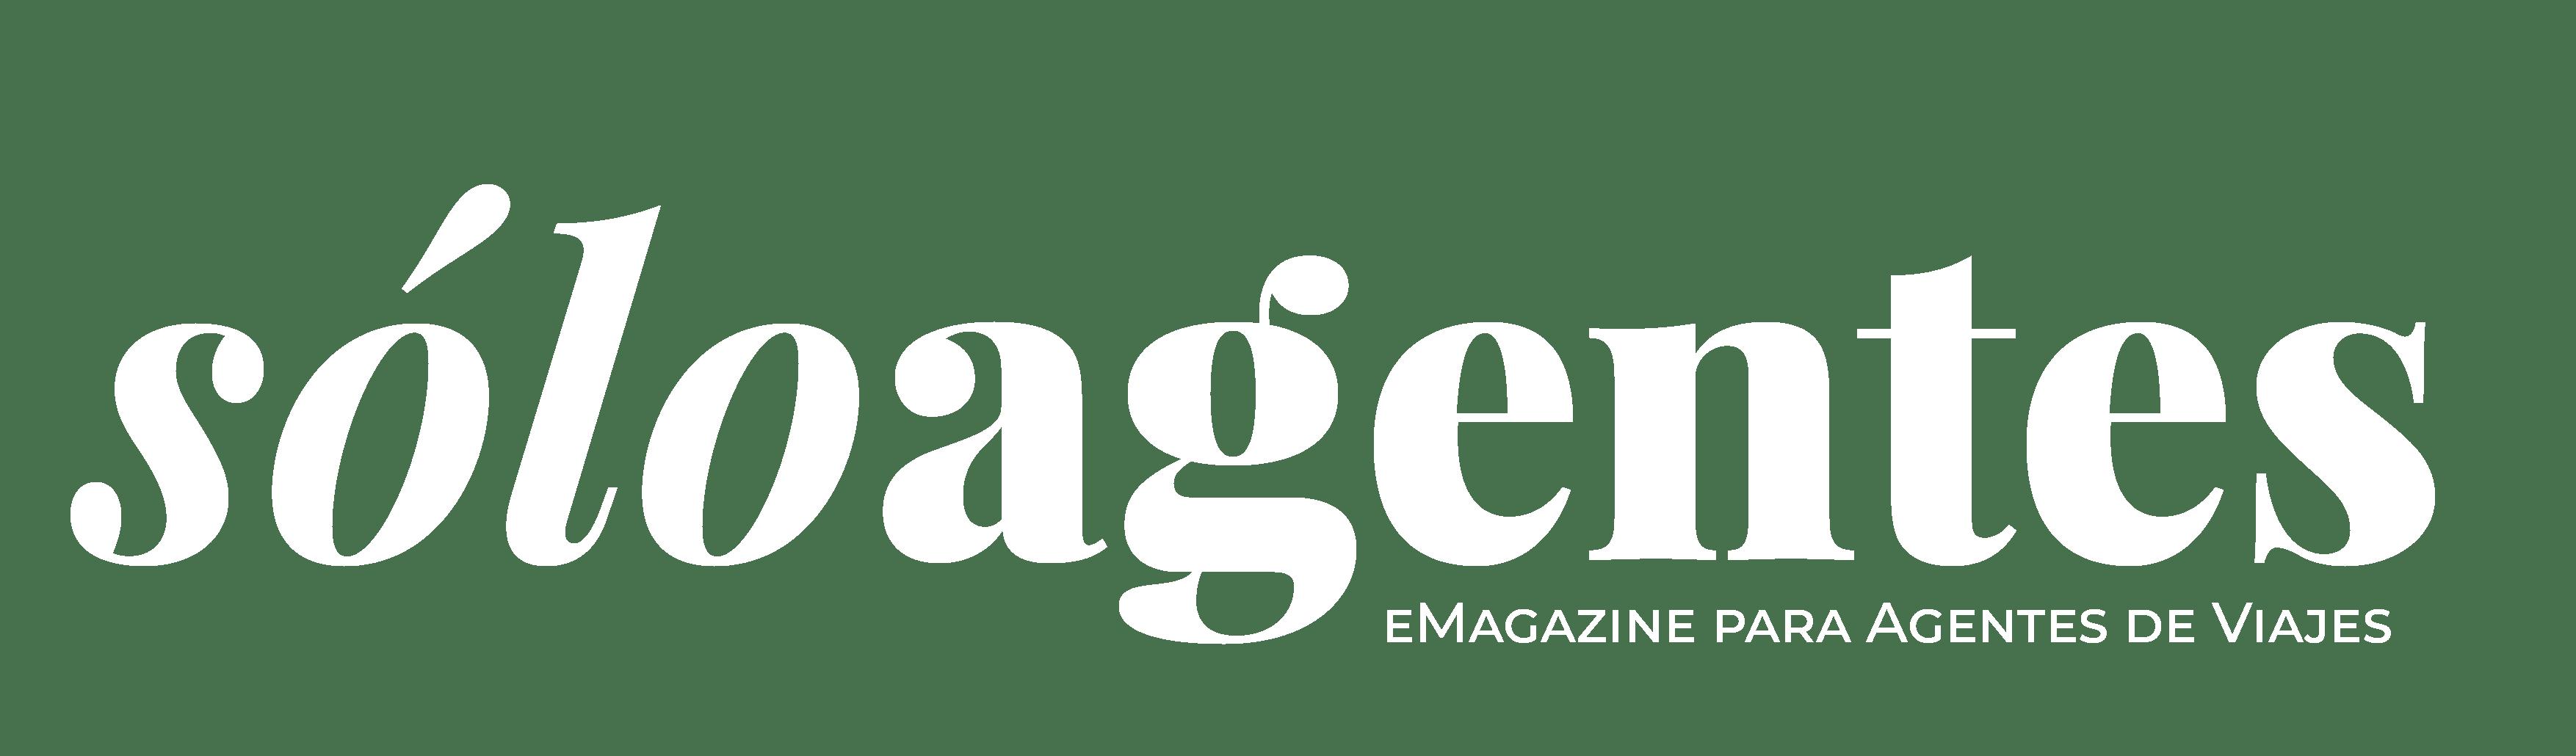 sóloagentes.com